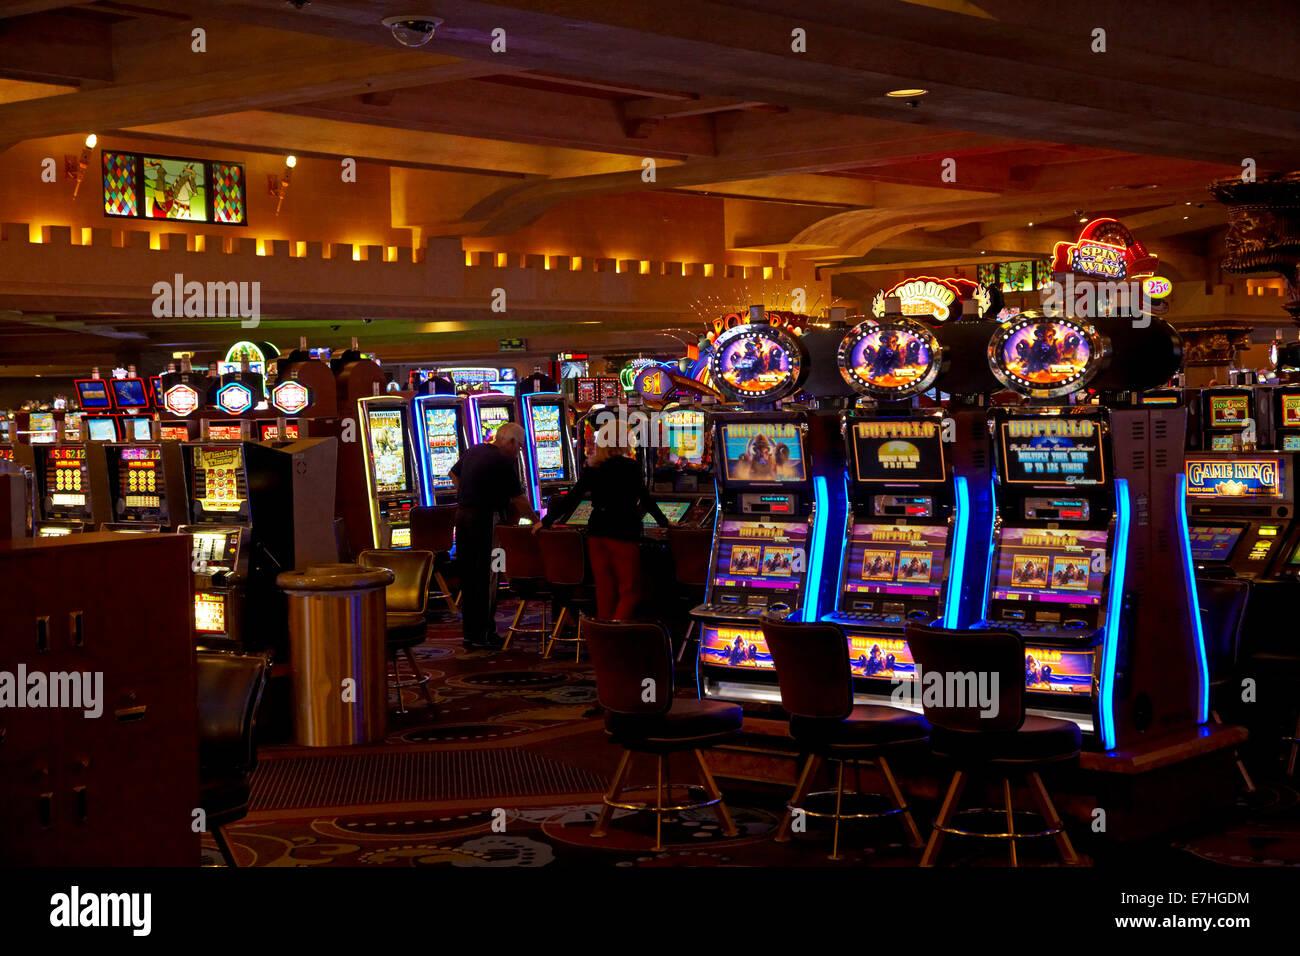 Las vegas nv casino proctor and gamble japan